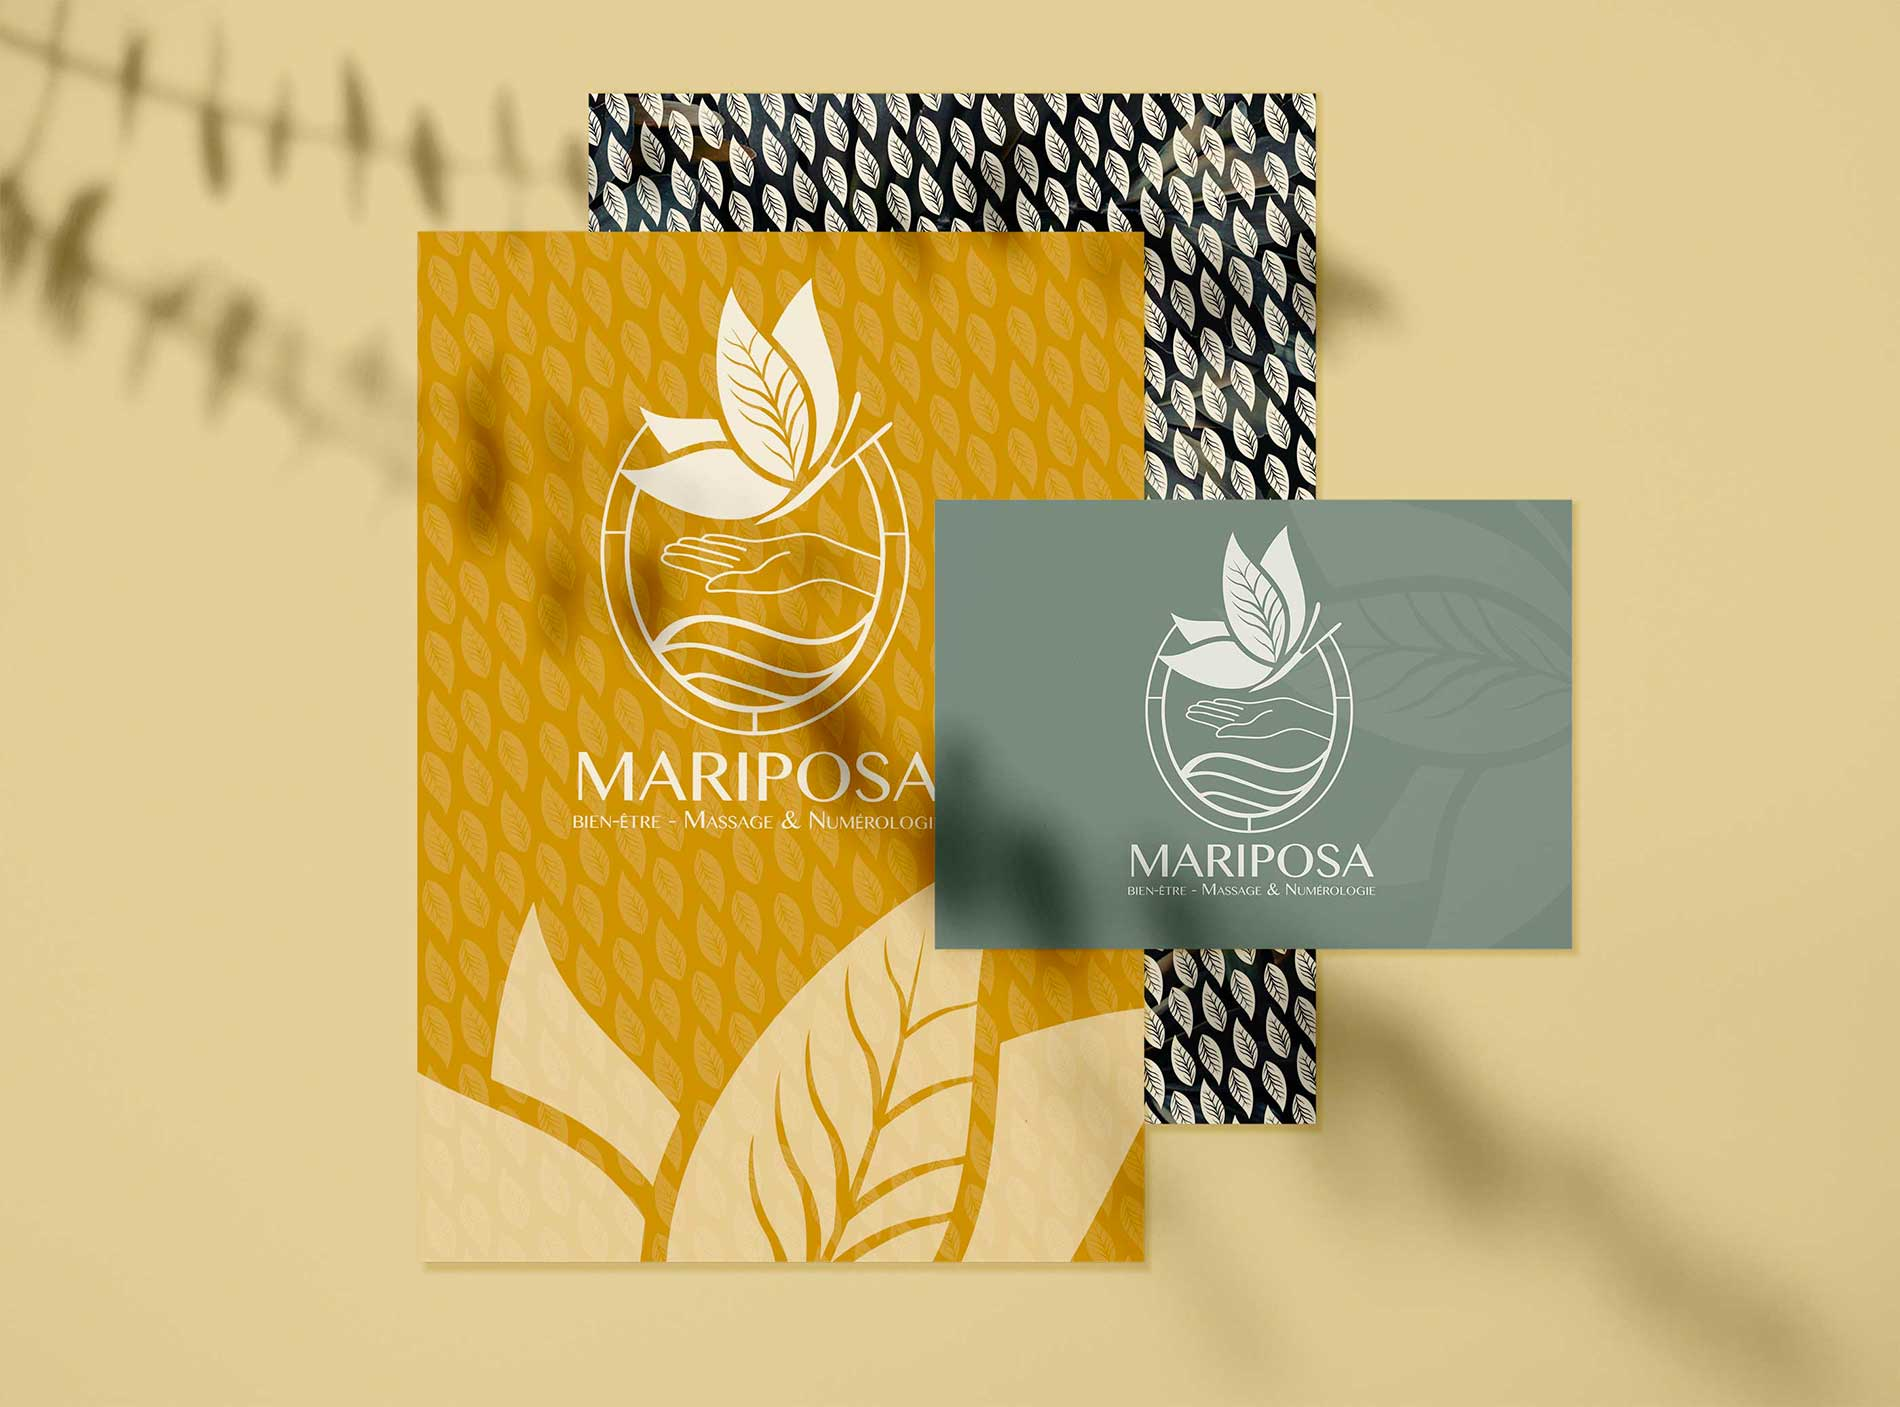 flyers-mariposa-capbreton-bienetre-numerologie-massage-energie